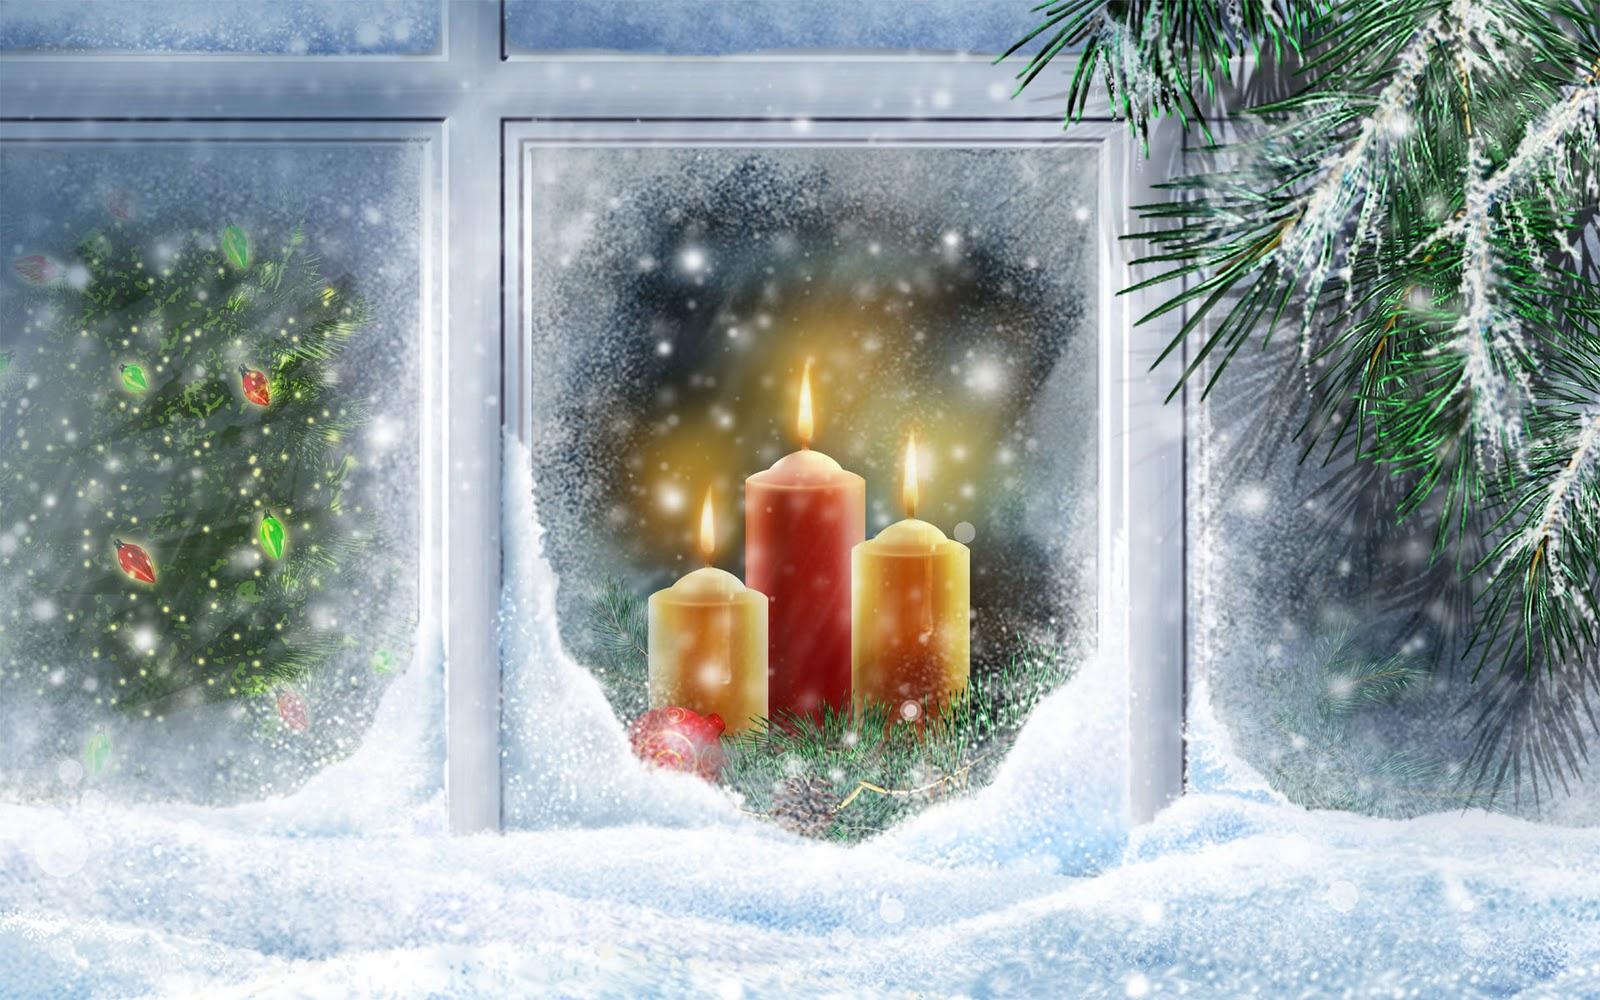 Блог рыжей лисицы: Рукоделие. Ангелочки своими руками -2: http://www.blogredfox.ru/2011/12/blog-post_11.html